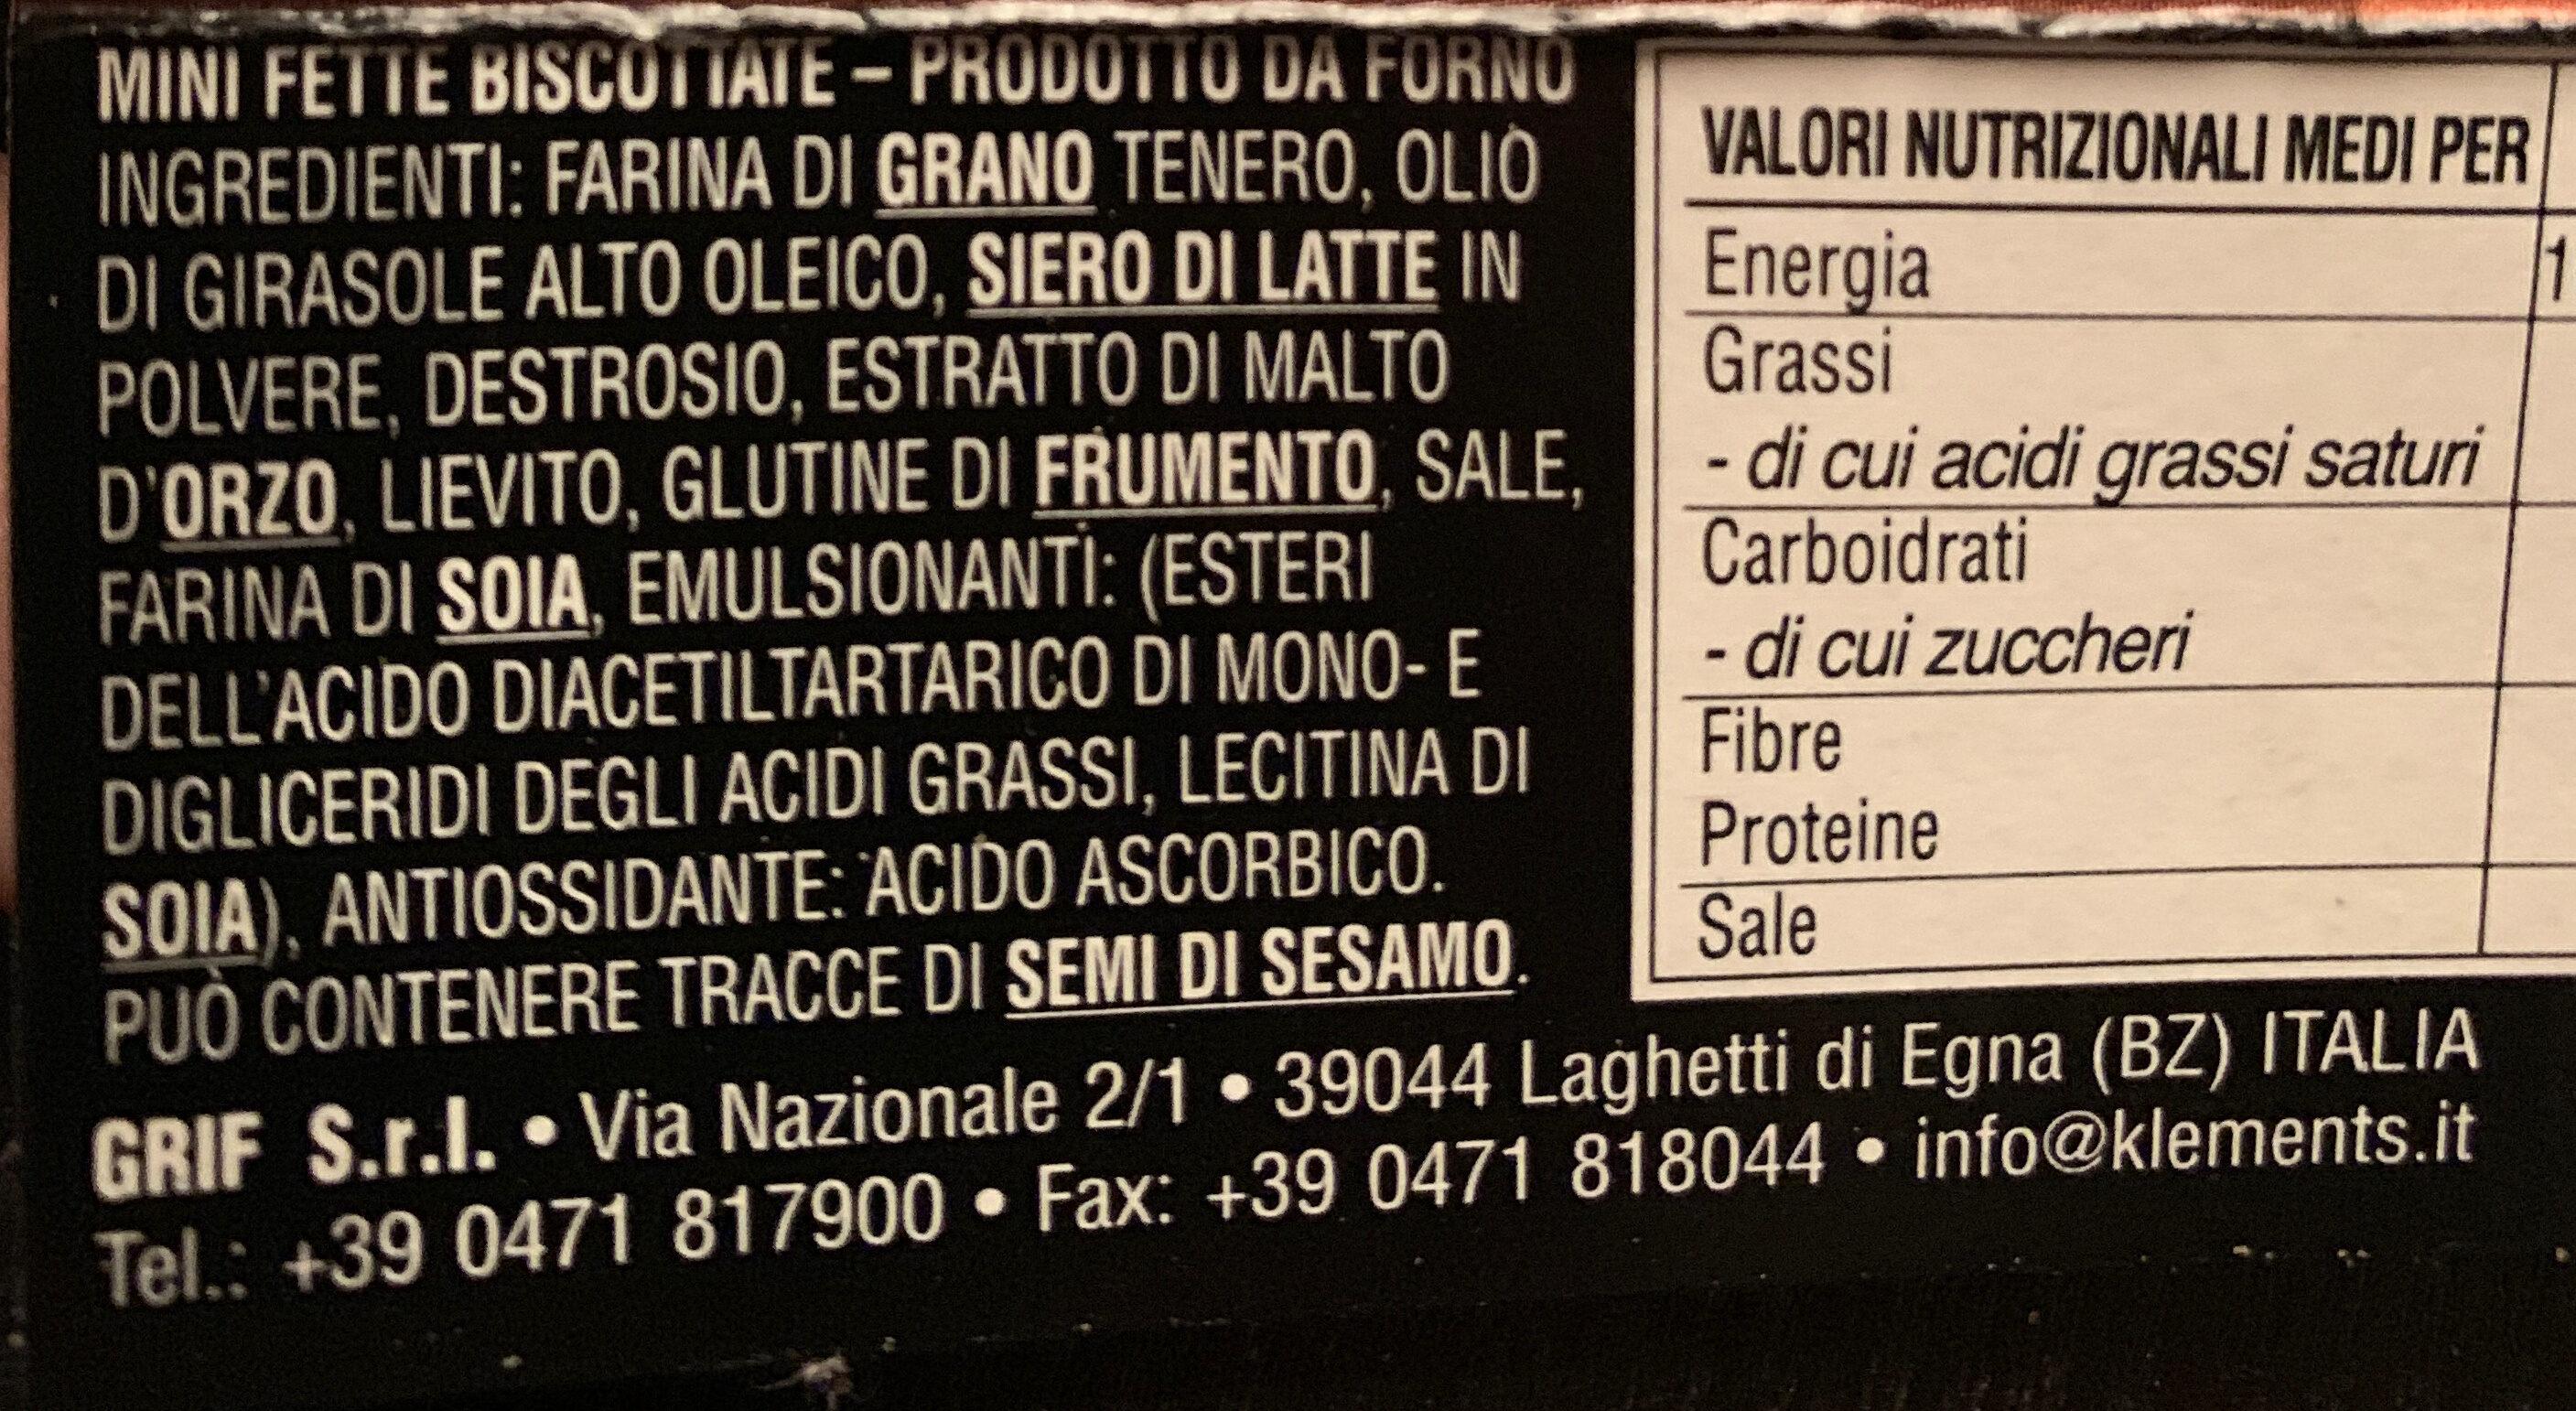 Mini Fette biscottate - Ingredients